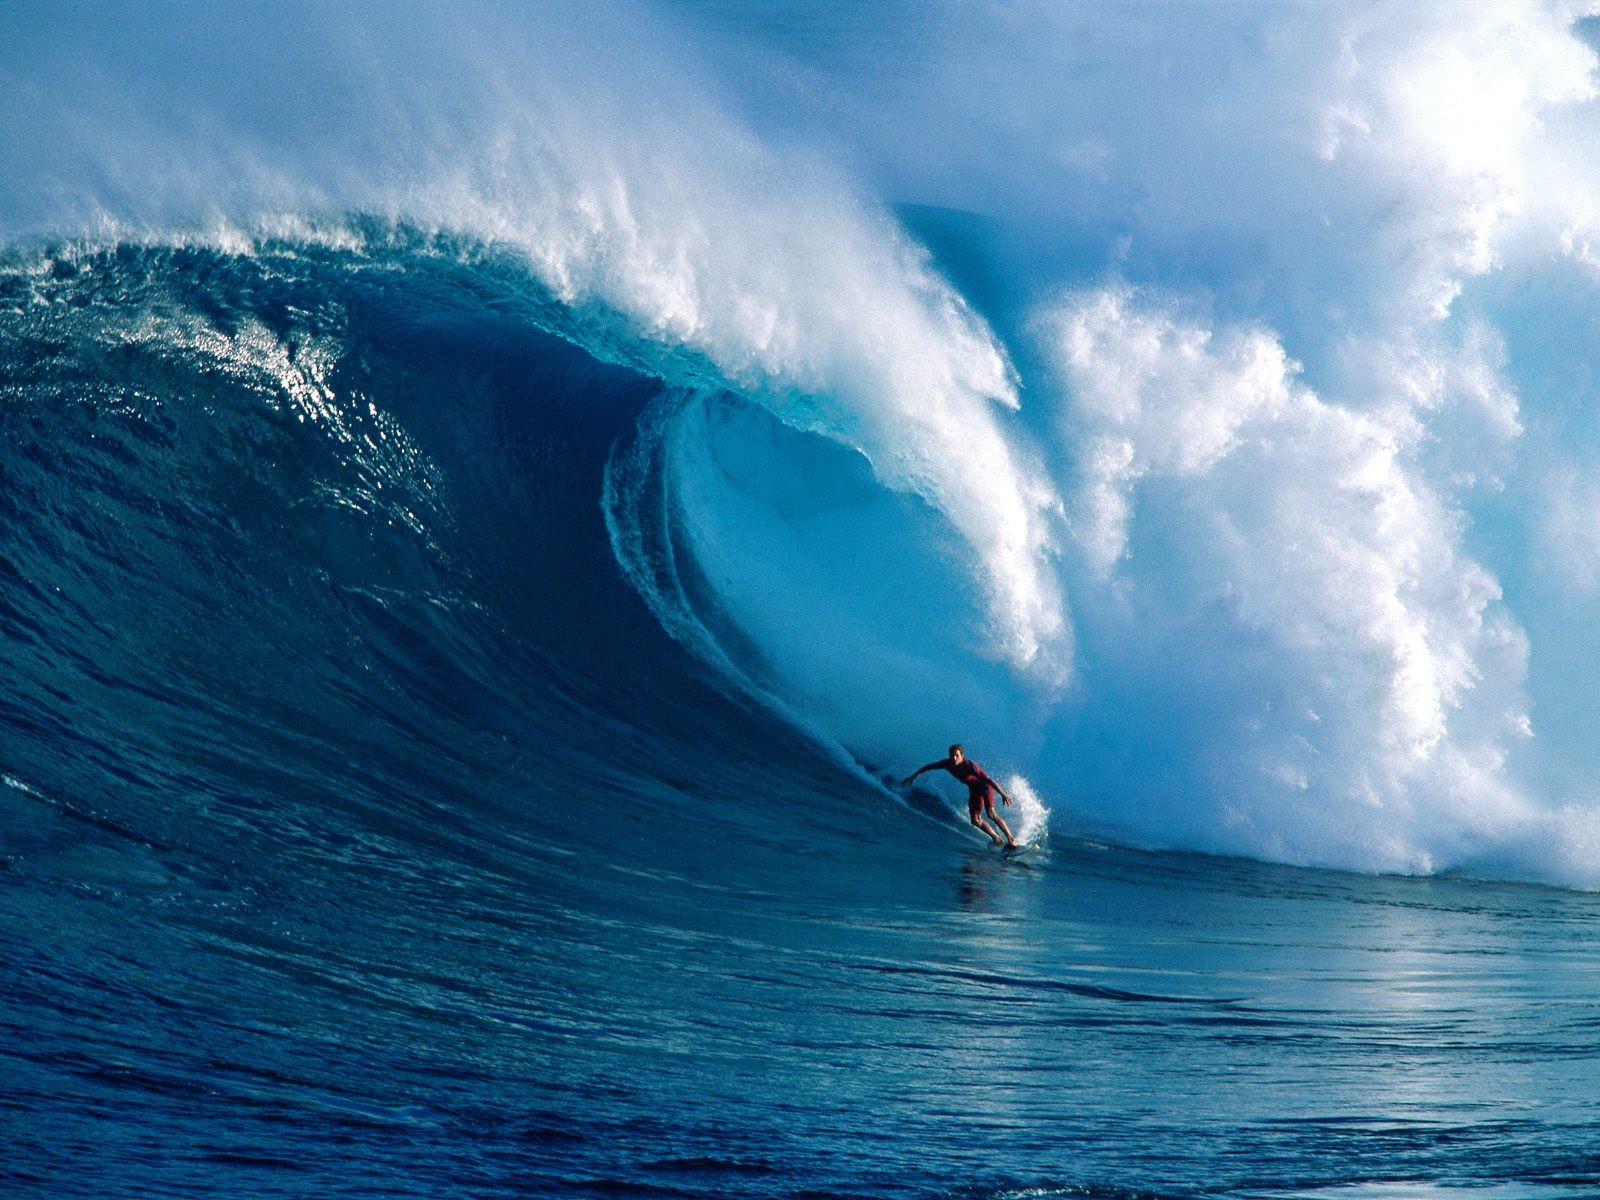 第三の波に乗る